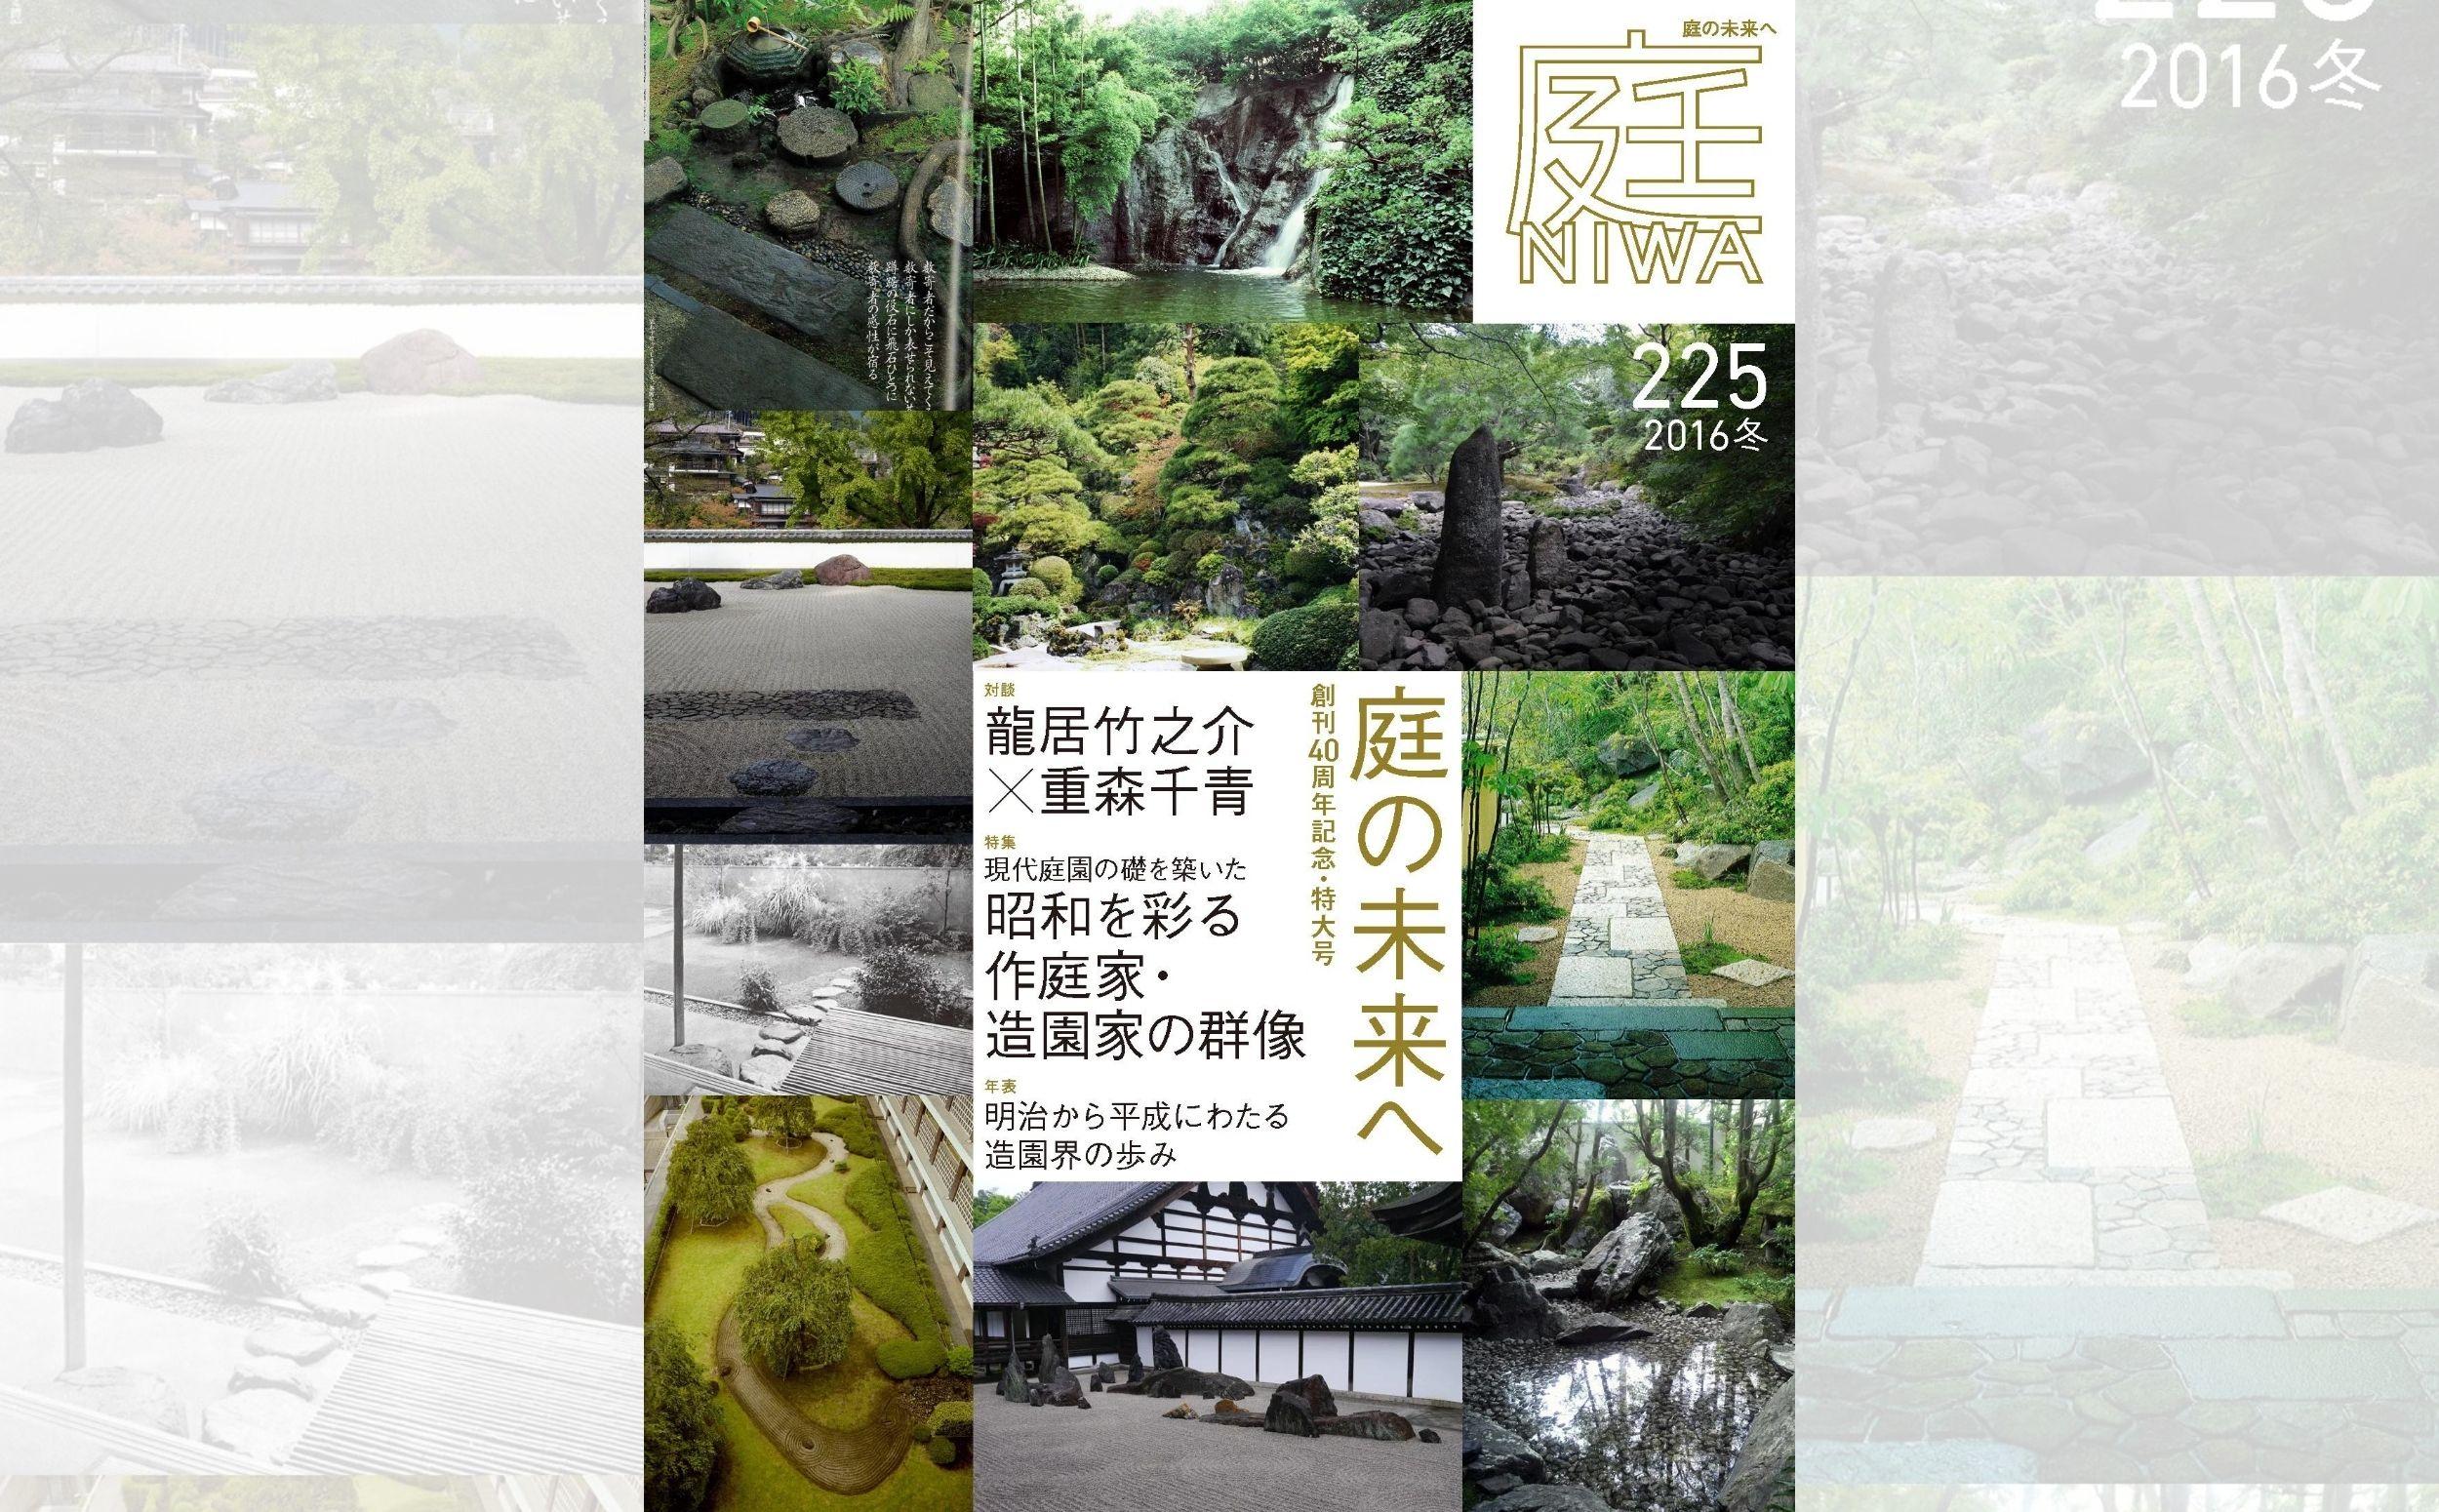 庭NIWA No.225 2016冬『創刊40周年記念 昭和を彩る作庭家・造園家の群像』